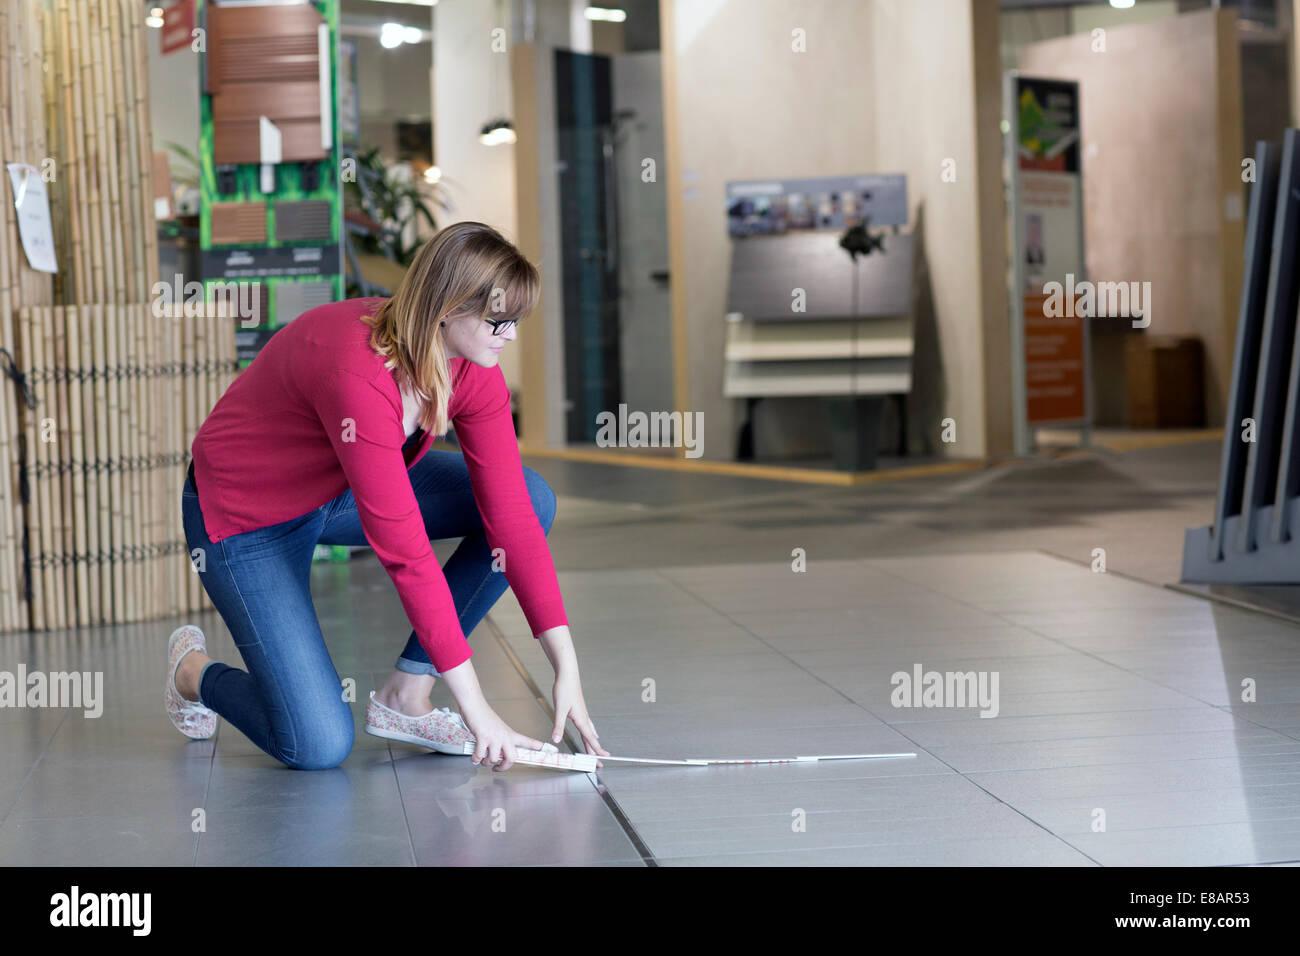 Female customer measuring floor tiles in hardware store - Stock Image